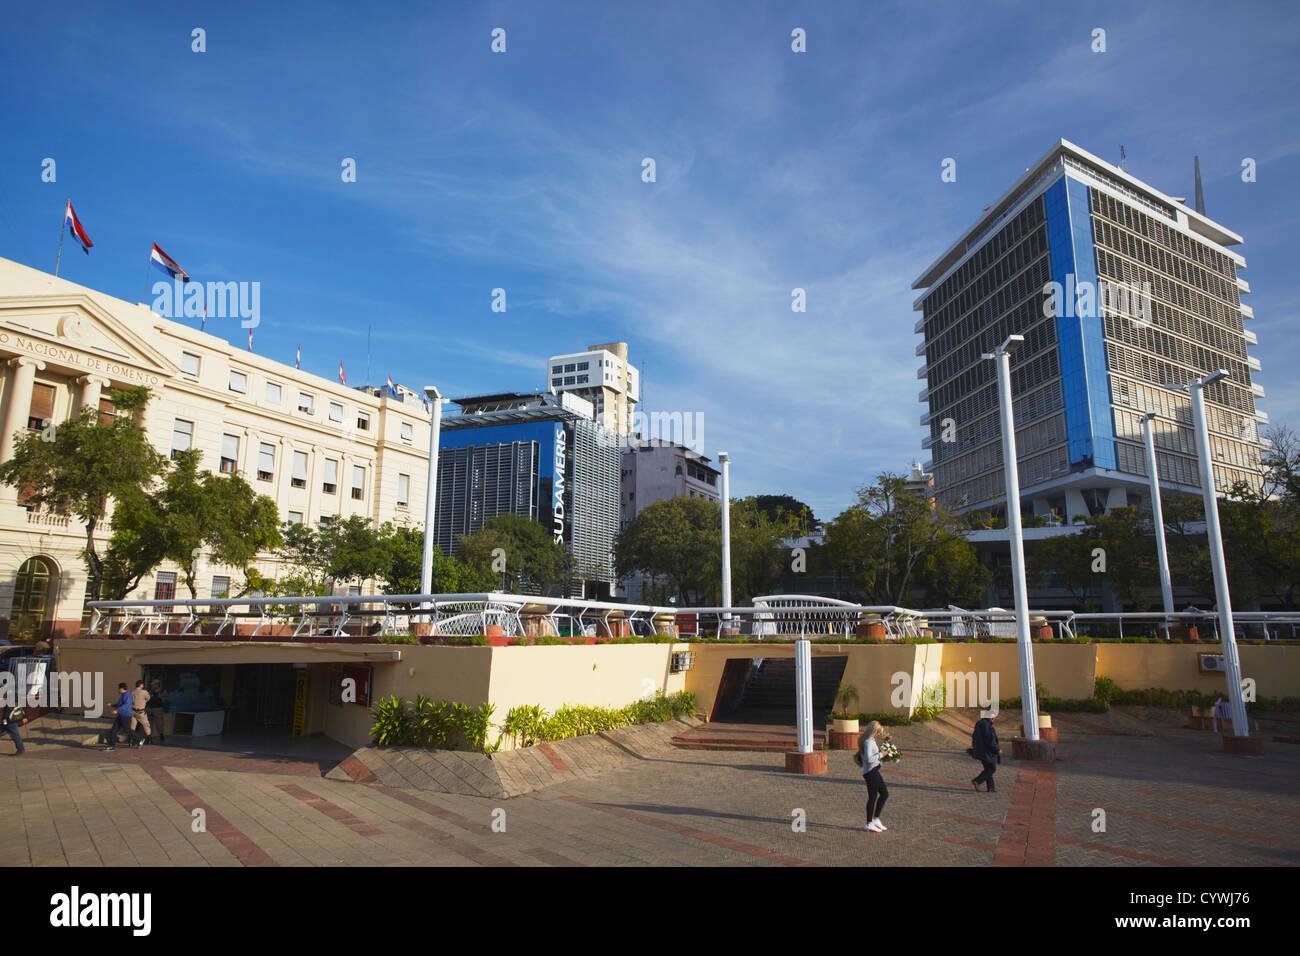 Plaza de los Heroes, Asuncion, Paraguay - Stock Image